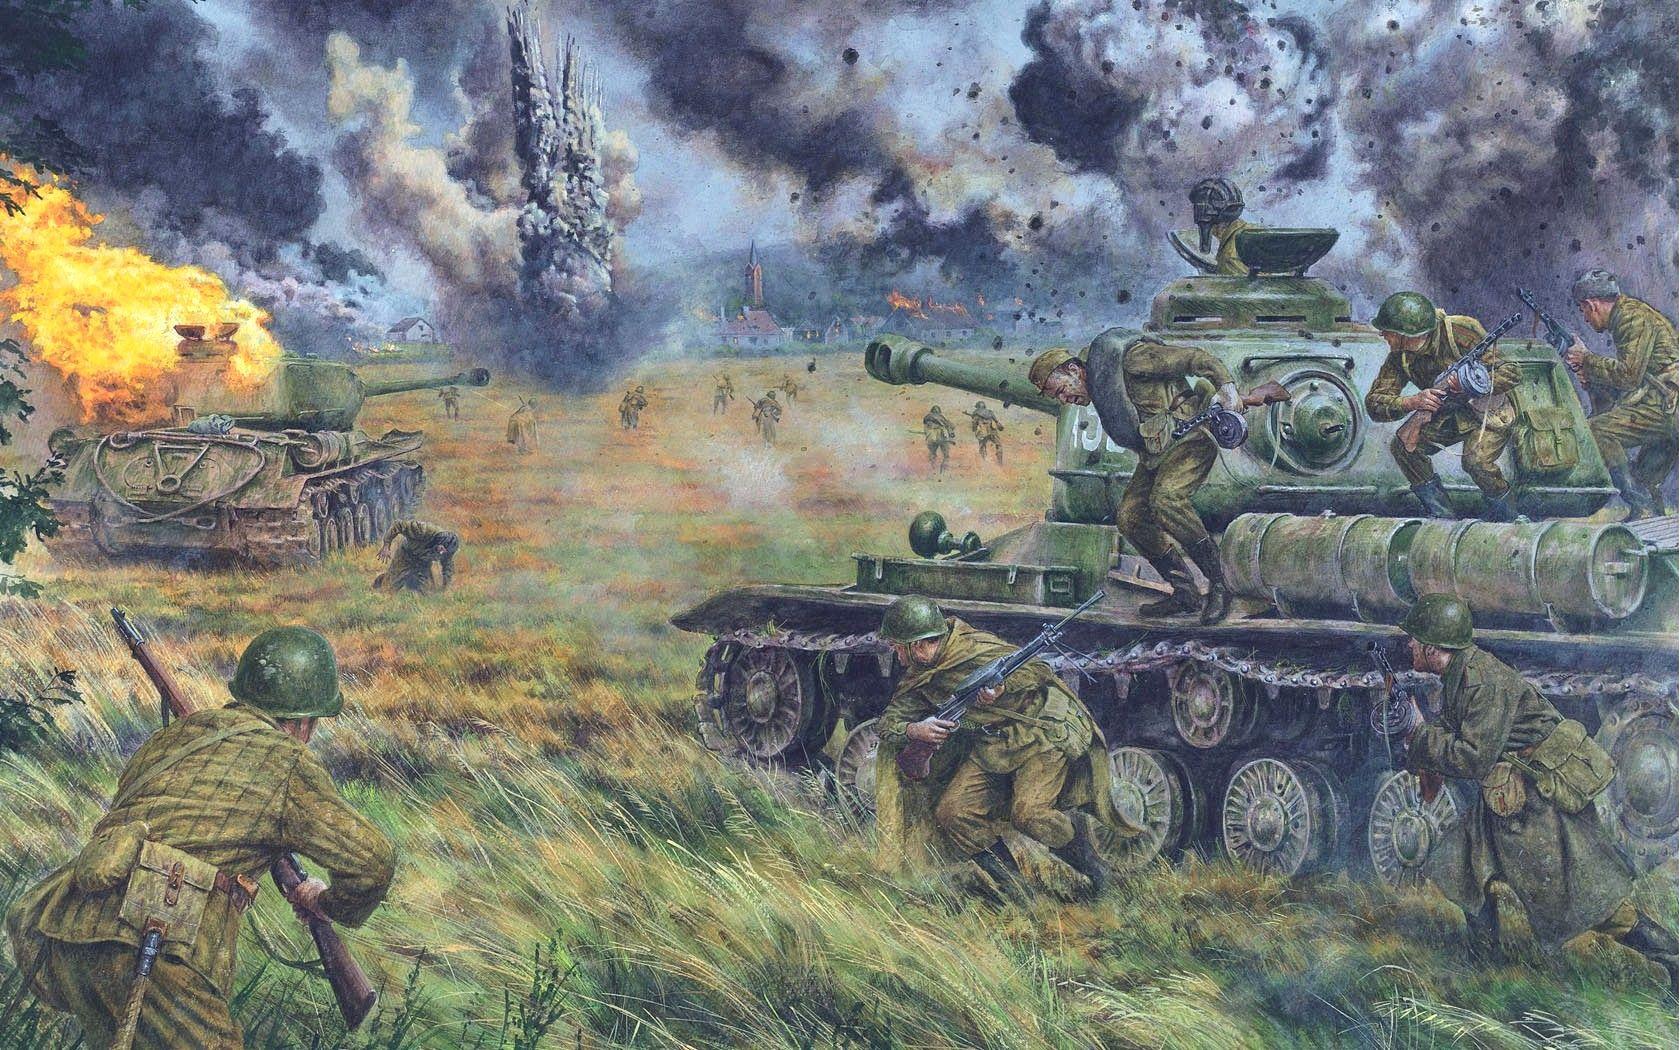 картинка русские танки на поле боя достоинства скрывать недостатки